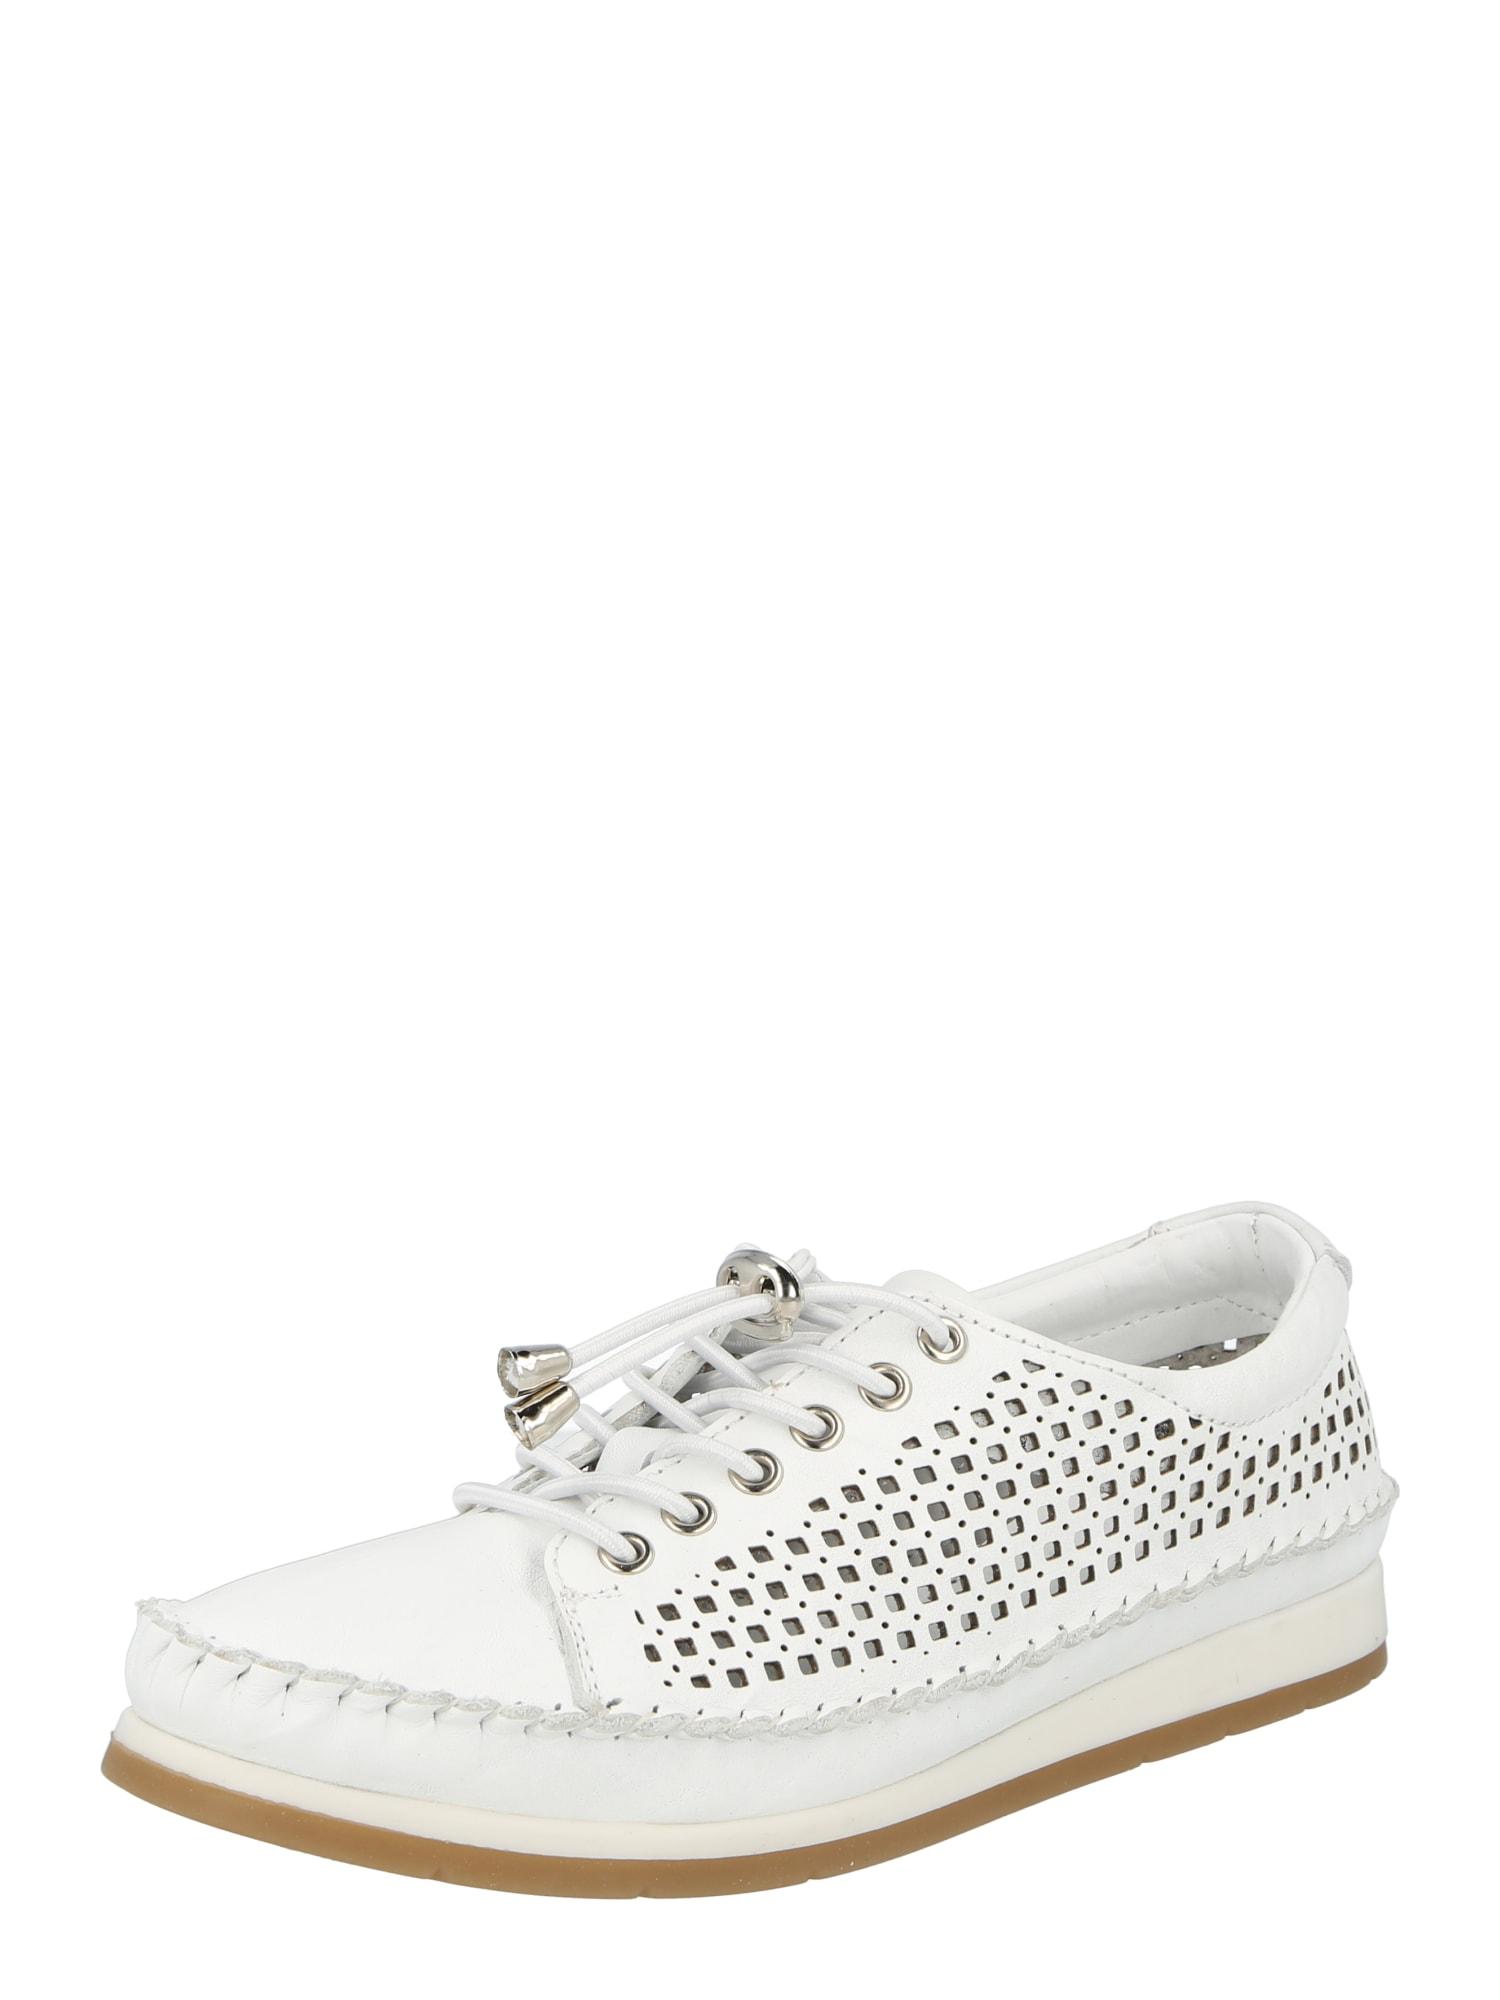 COSMOS COMFORT Sportinio stiliaus batai su raišteliais balta